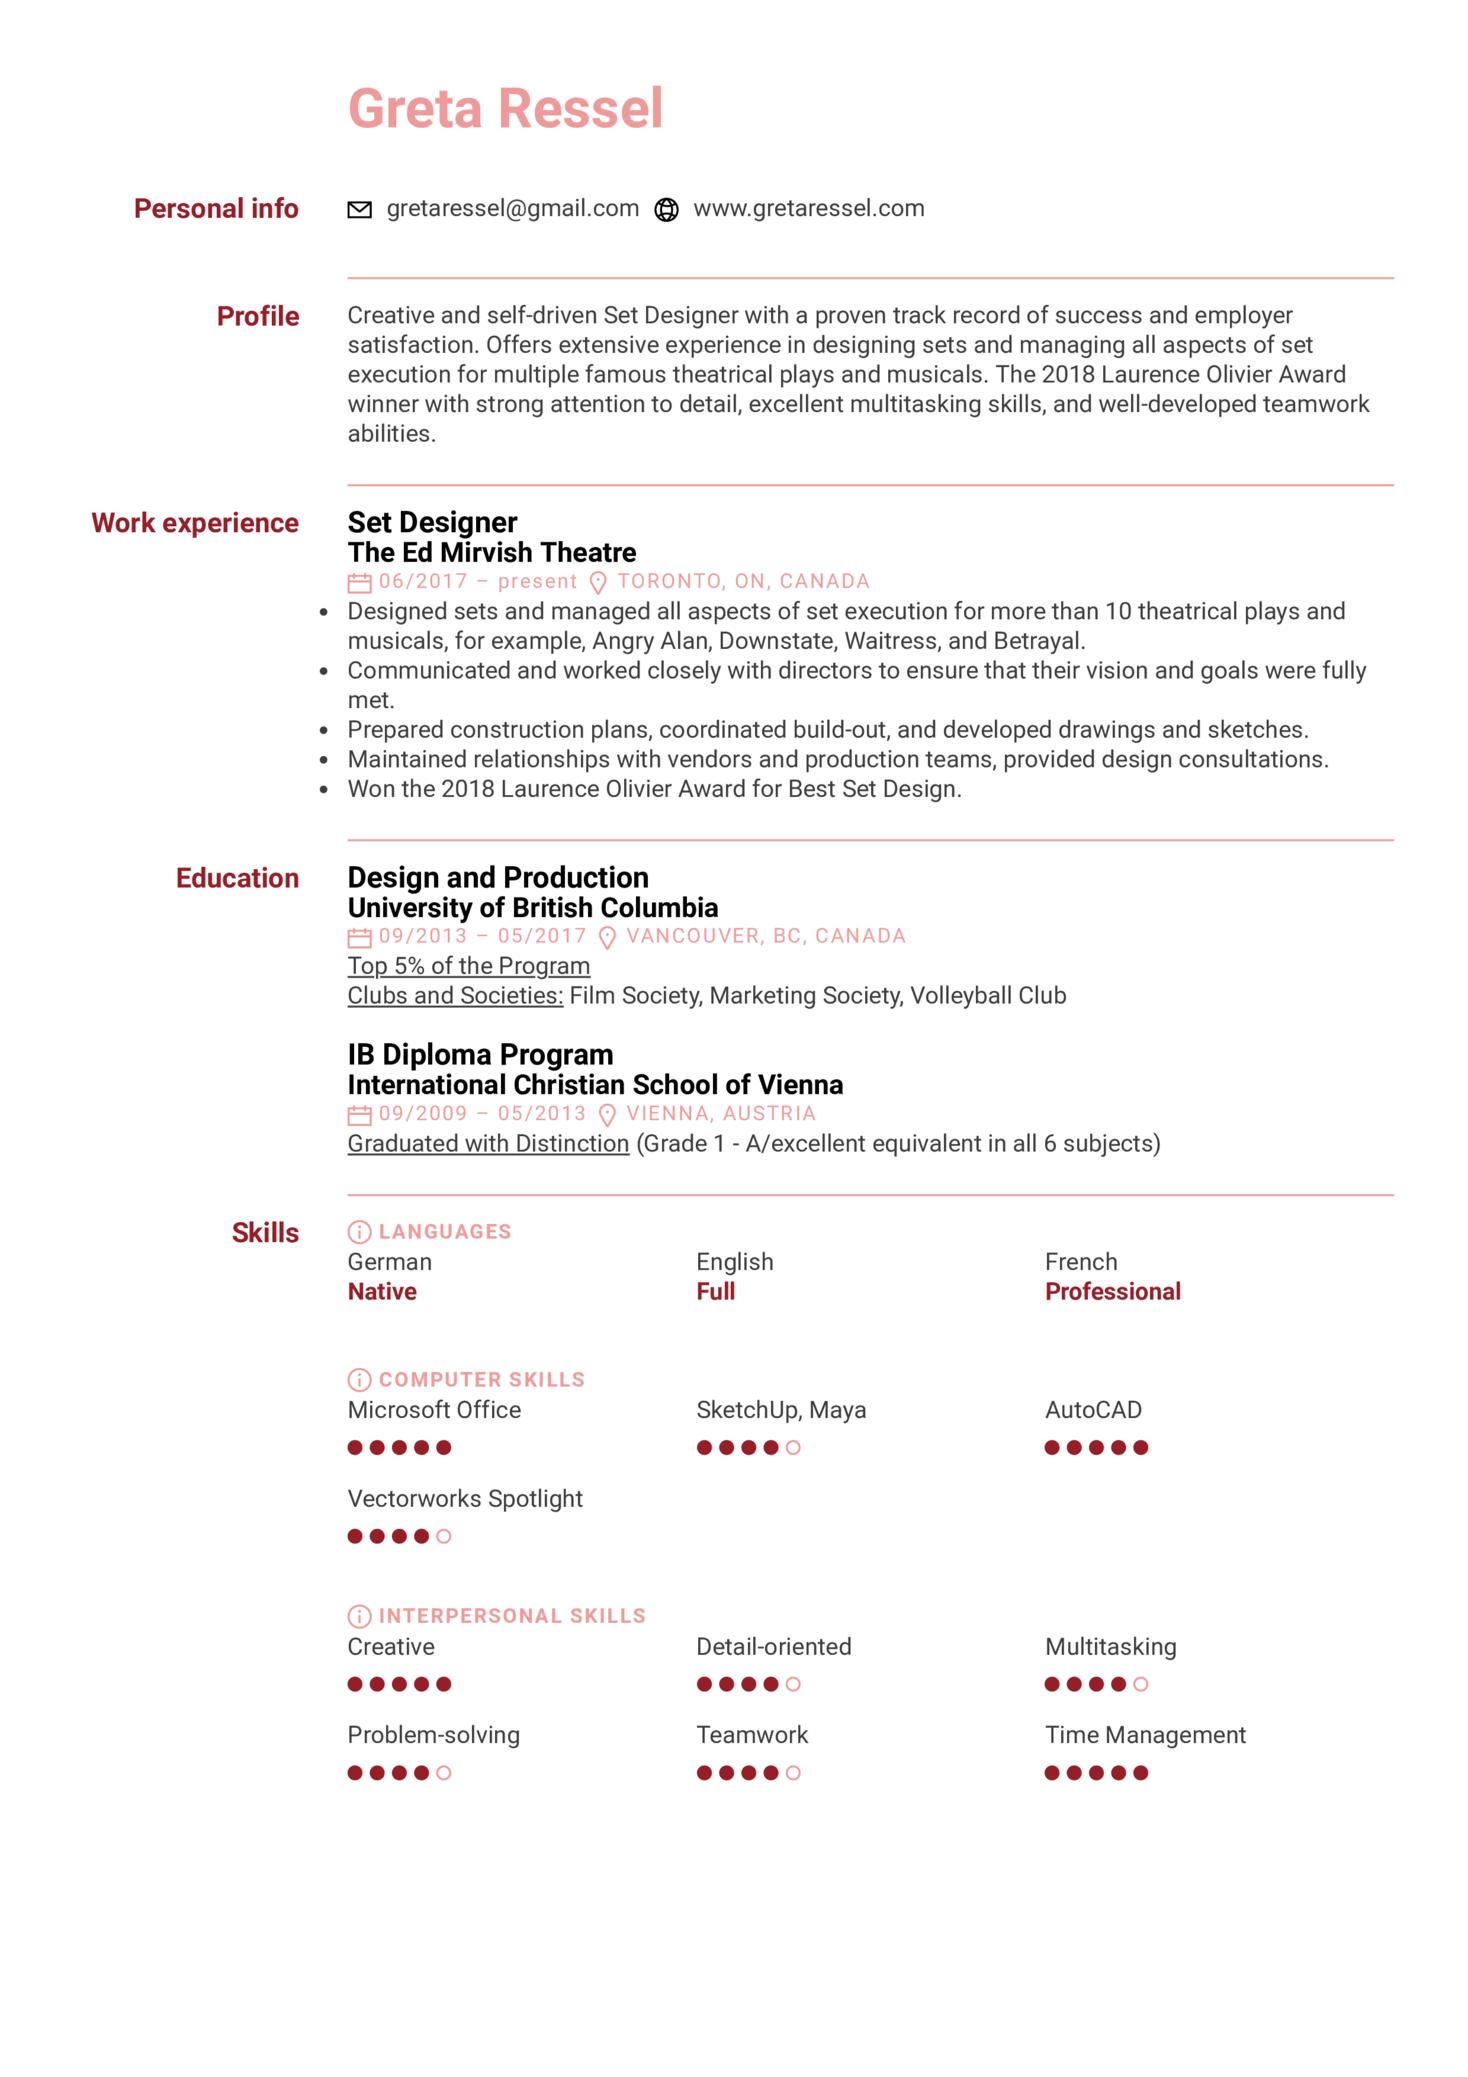 Set Designer Resume Sample (Part 1)